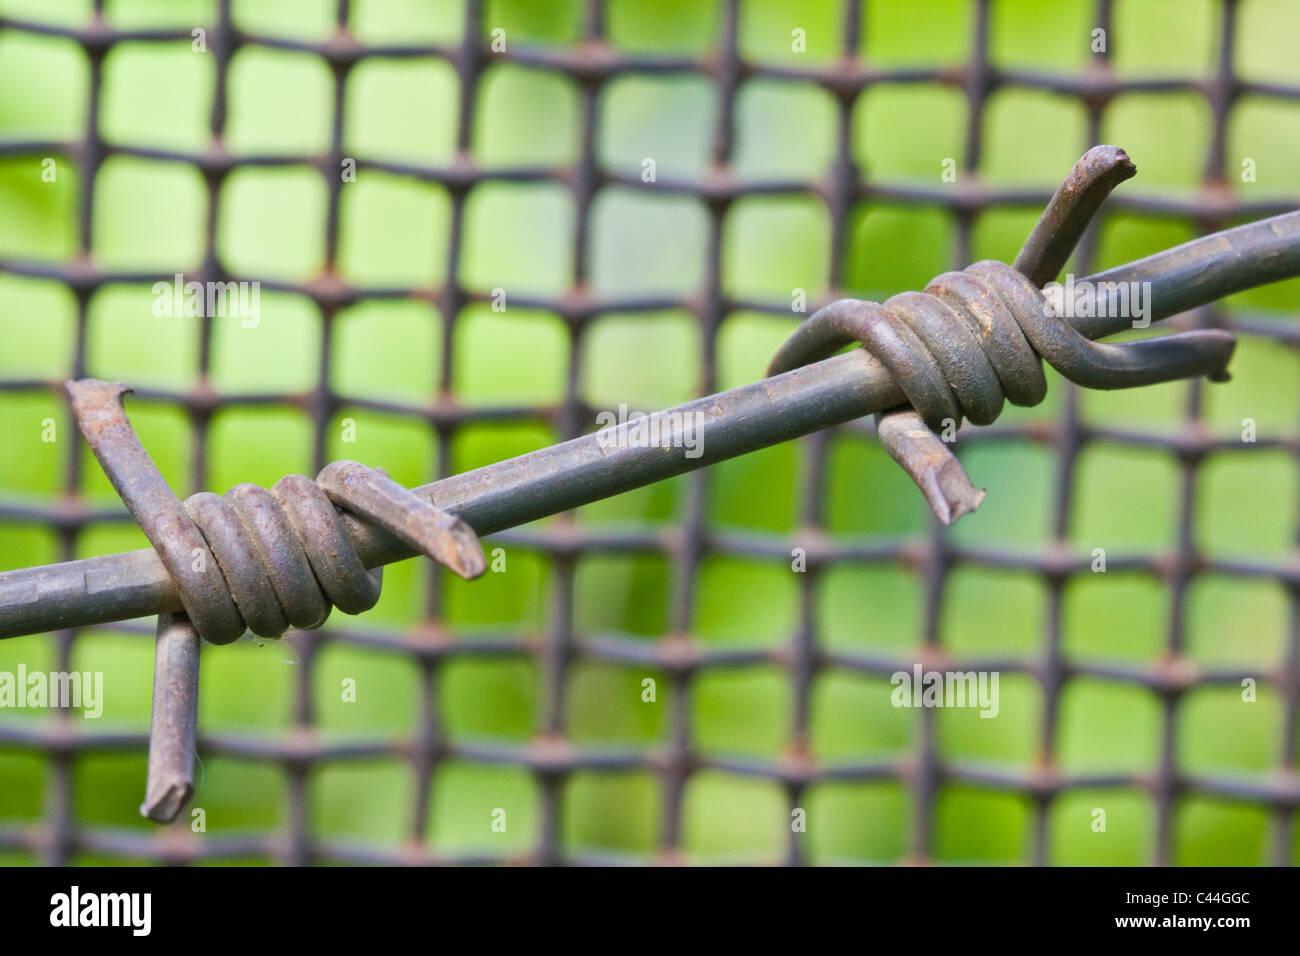 Lattice bars immagini & lattice bars fotos stock alamy